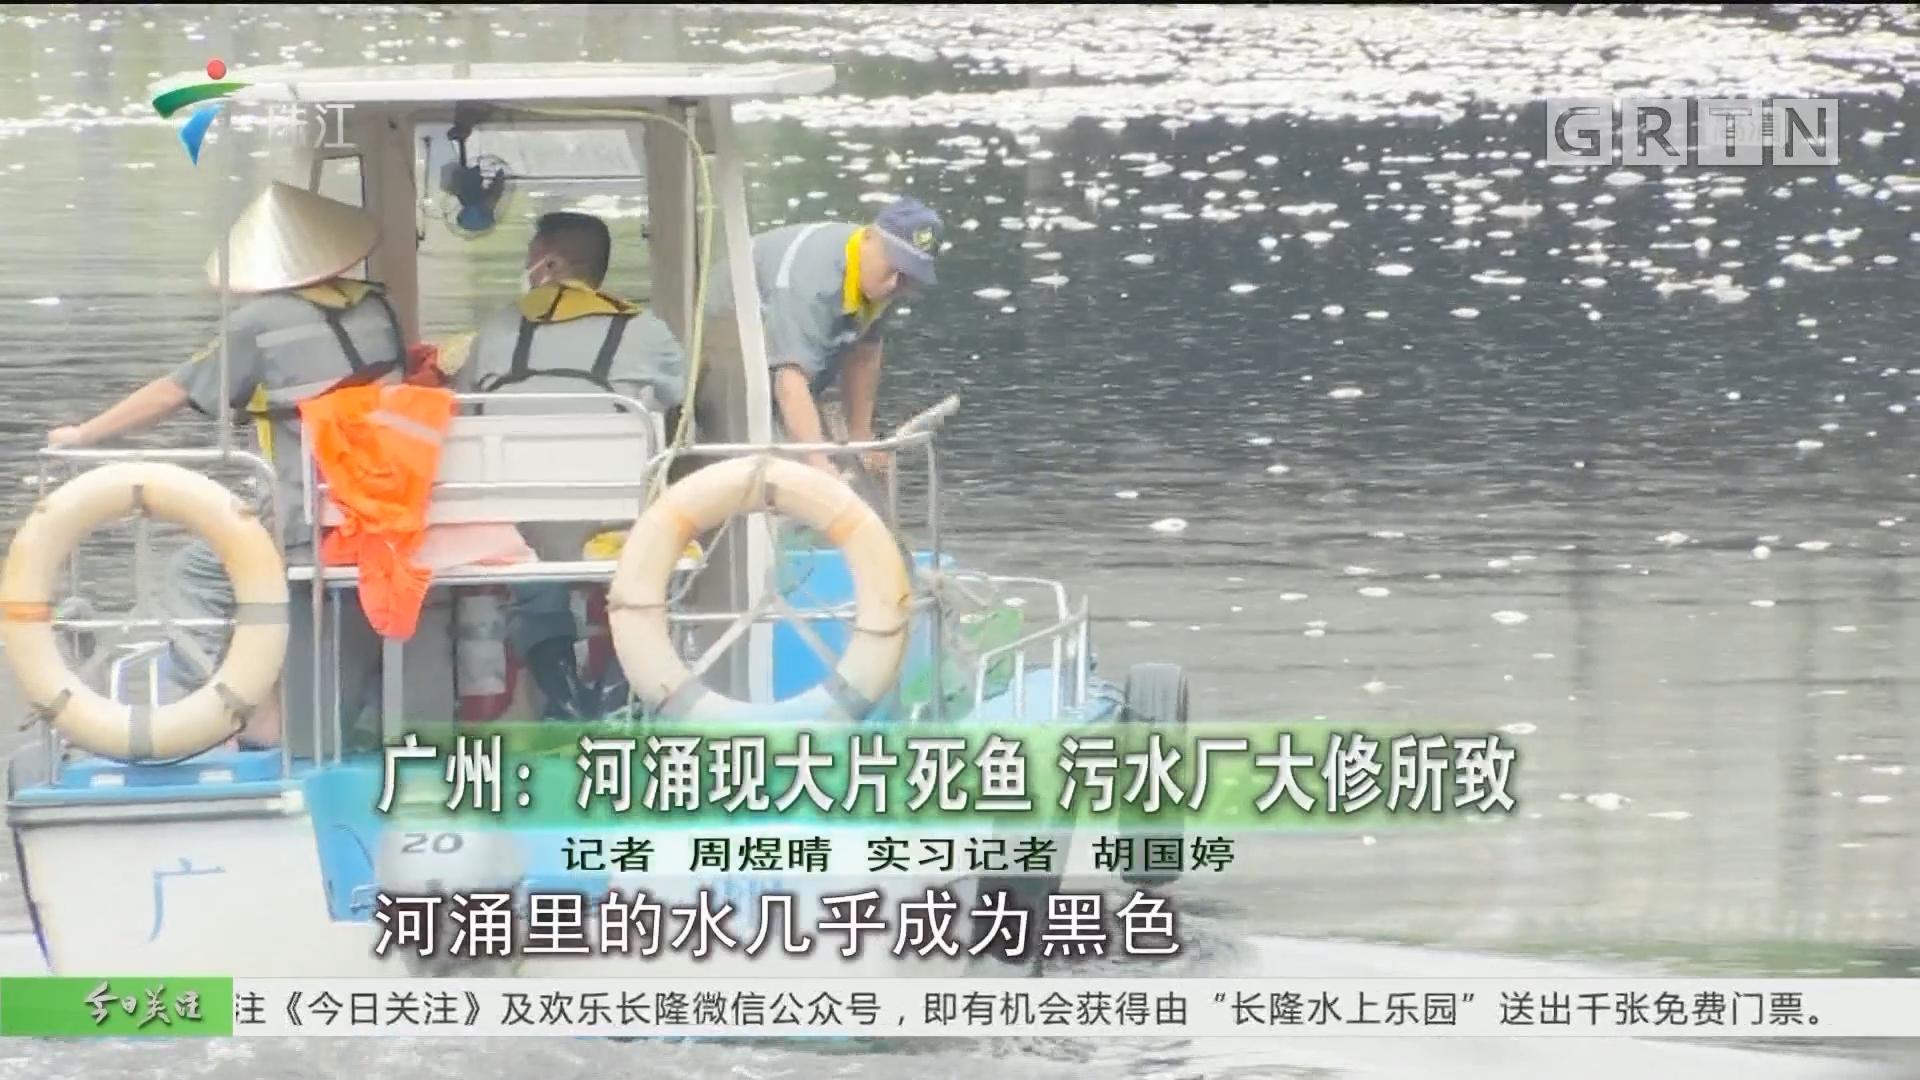 广州:河涌现大片死鱼 污水厂大修所致